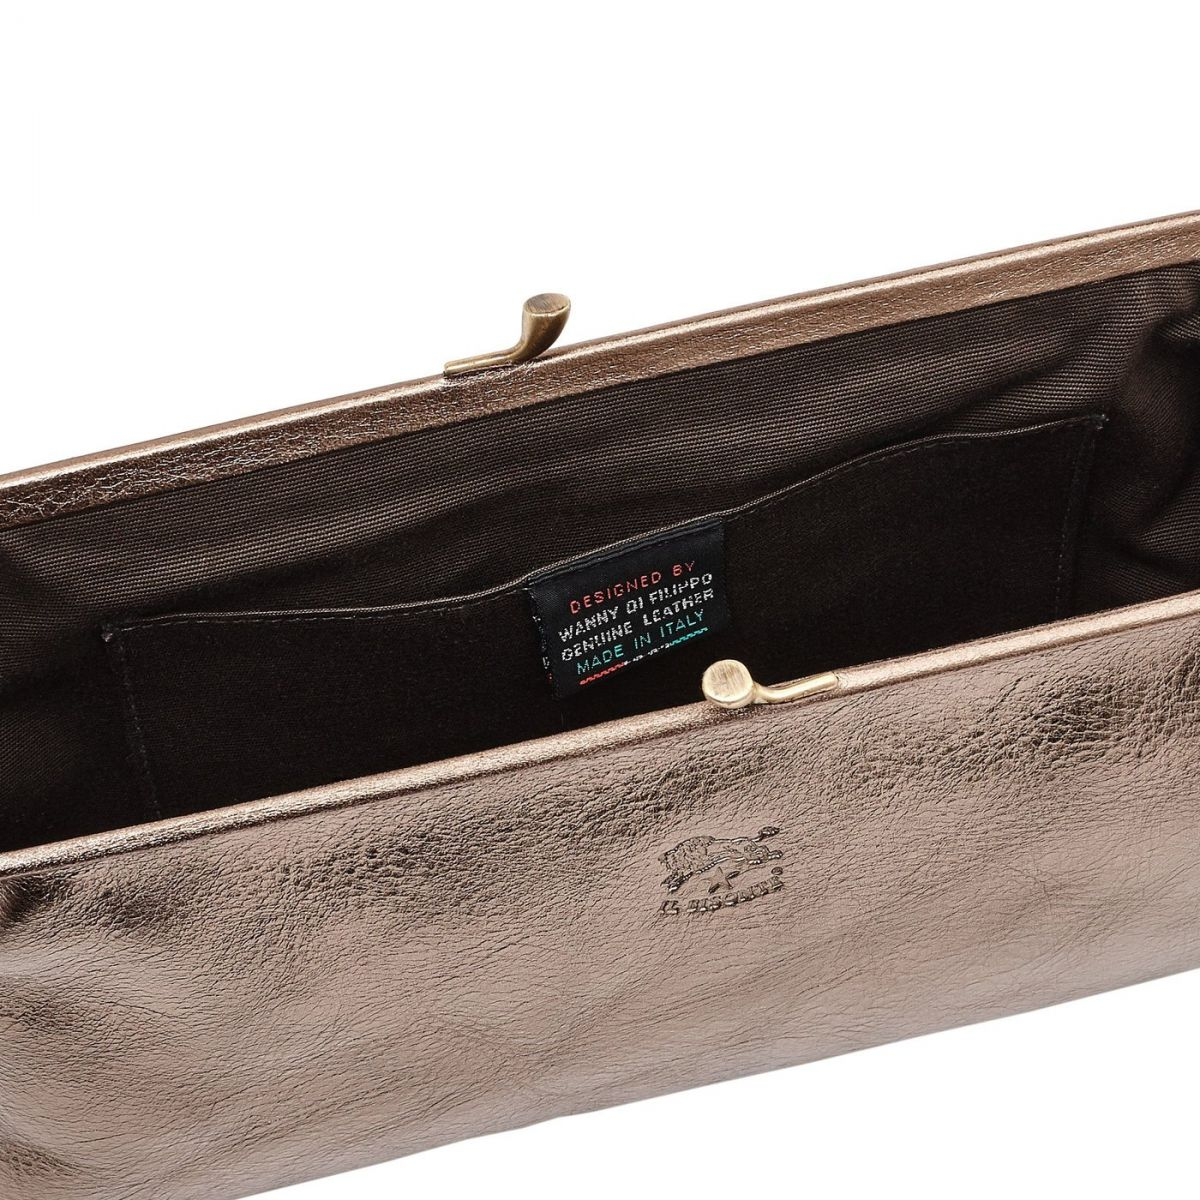 Women's Clutch Bag in Metallic Leather BCL027 color Metallic Bronze | Details